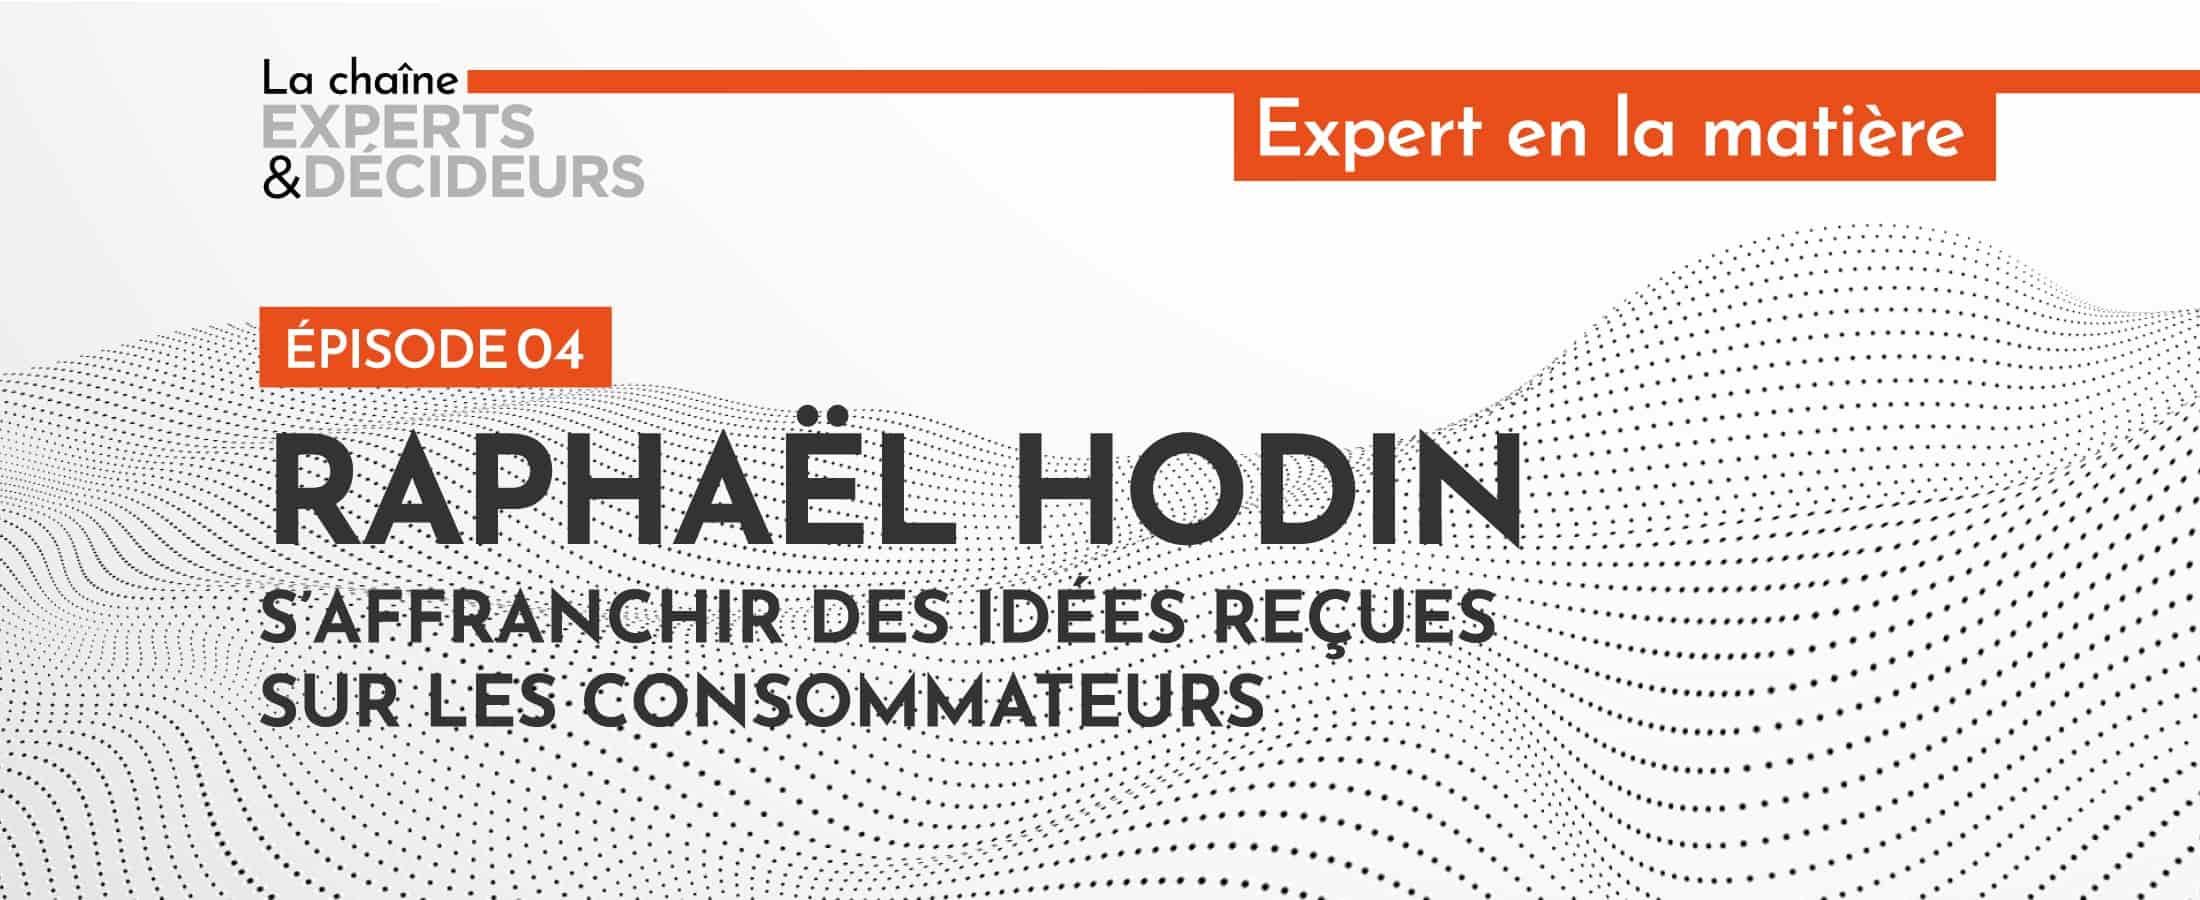 [Podcast] Raphaël Hodin : s'affranchir des idées reçues sur les consommateurs